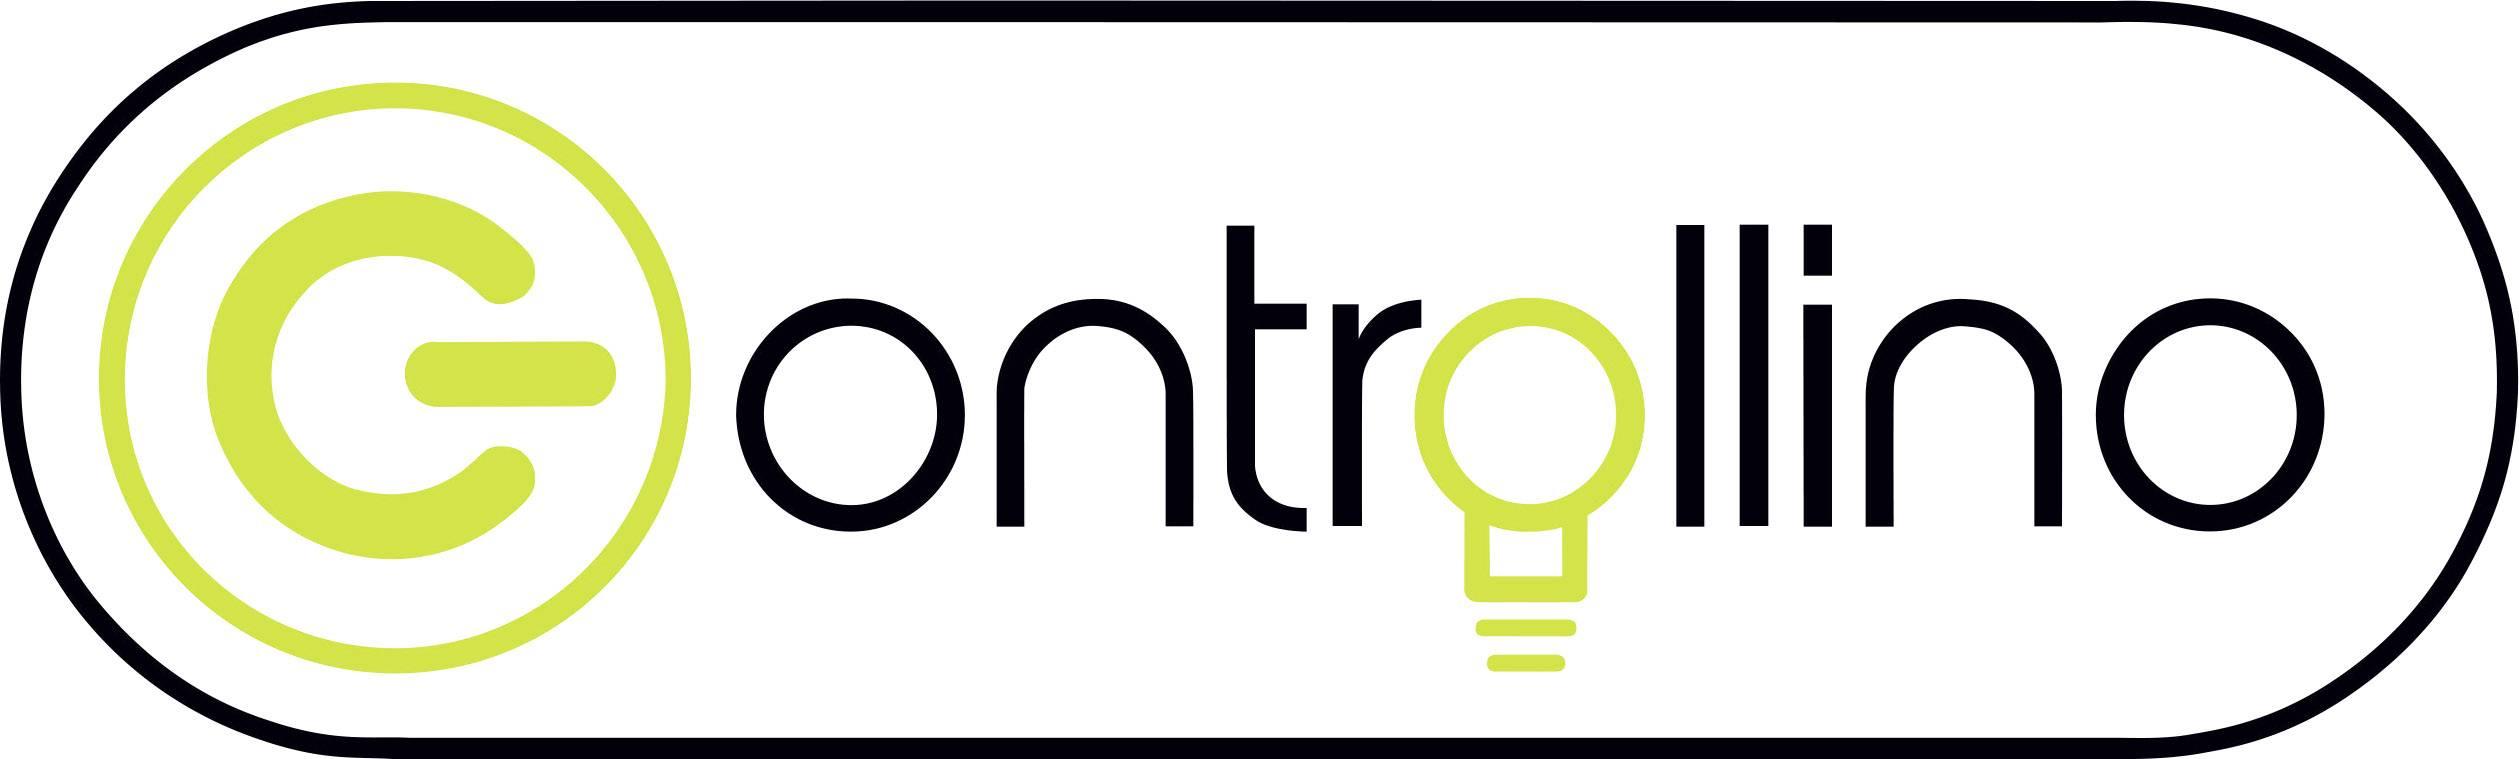 Controllino (Arduino)